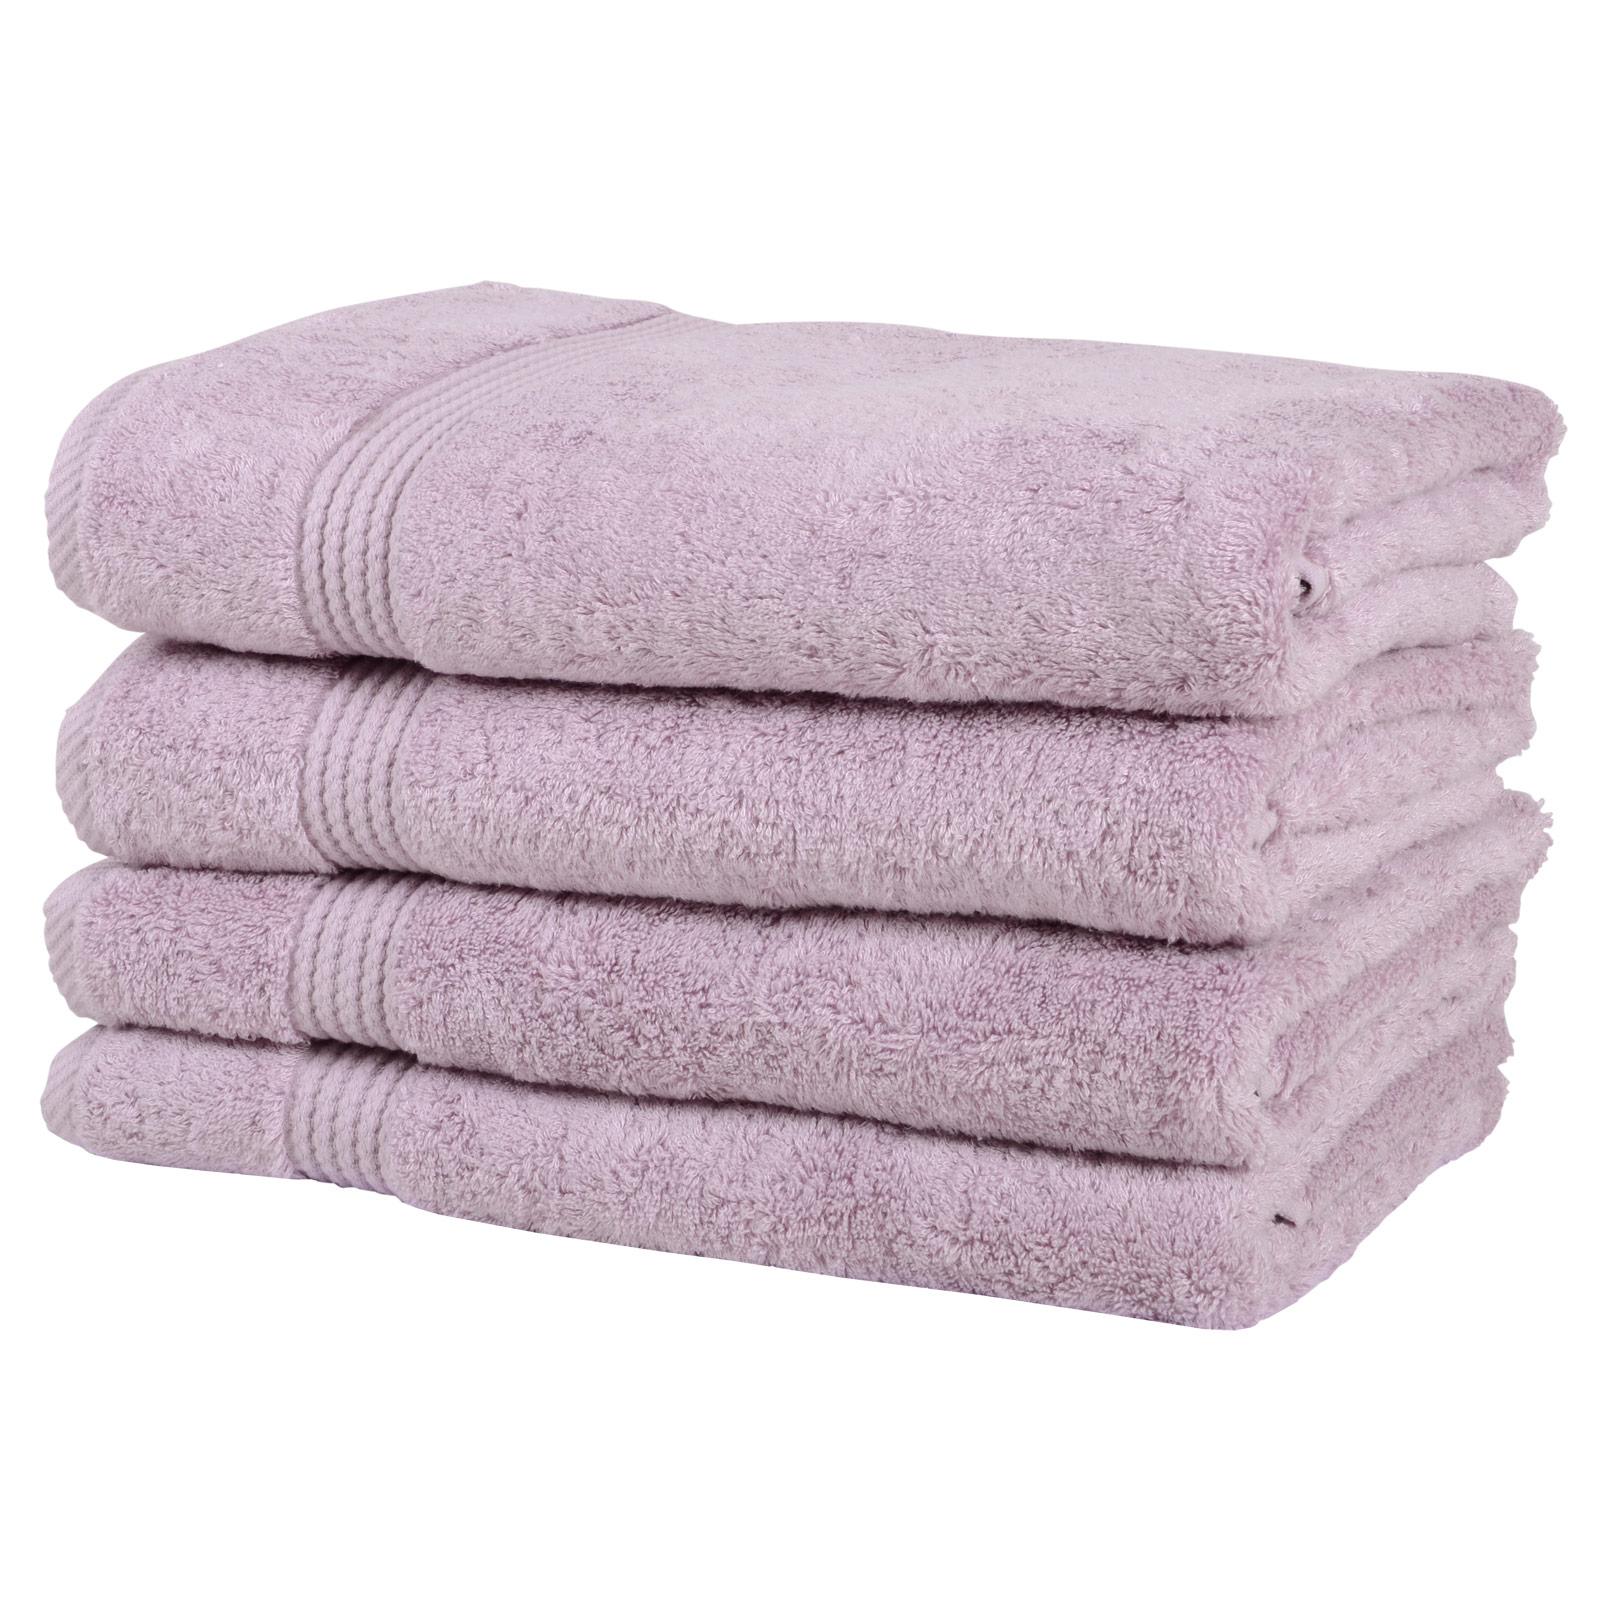 Linen hand towels bathroom